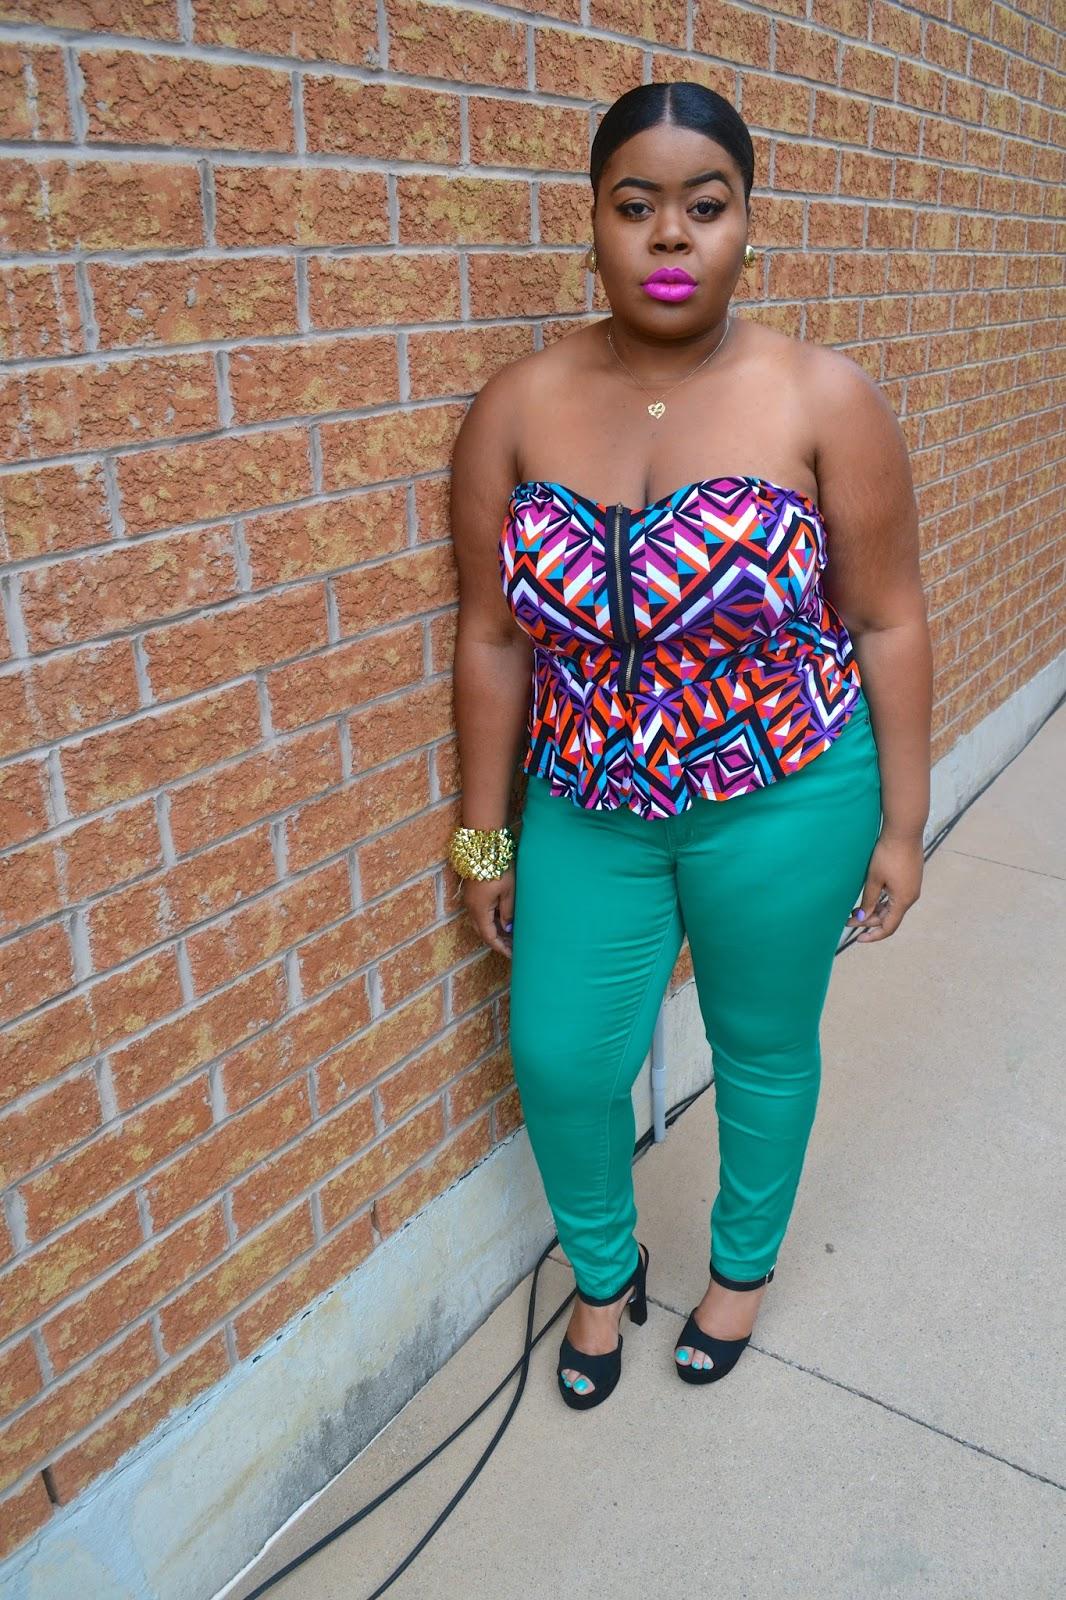 Fat ebony mature